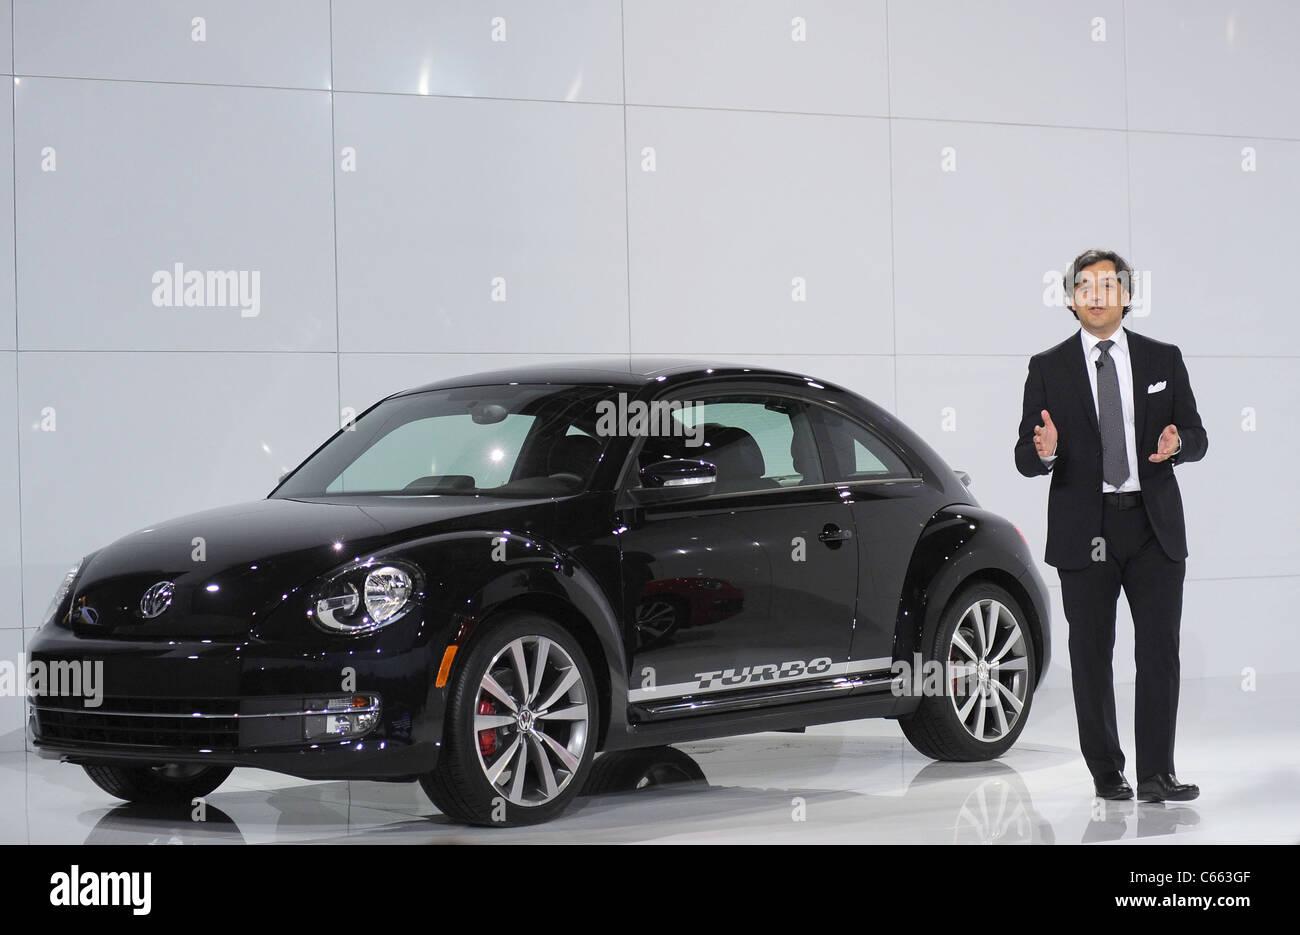 21 Century Auto >> Luca De Meo In Attendance For Volkswagen Unveils 21st